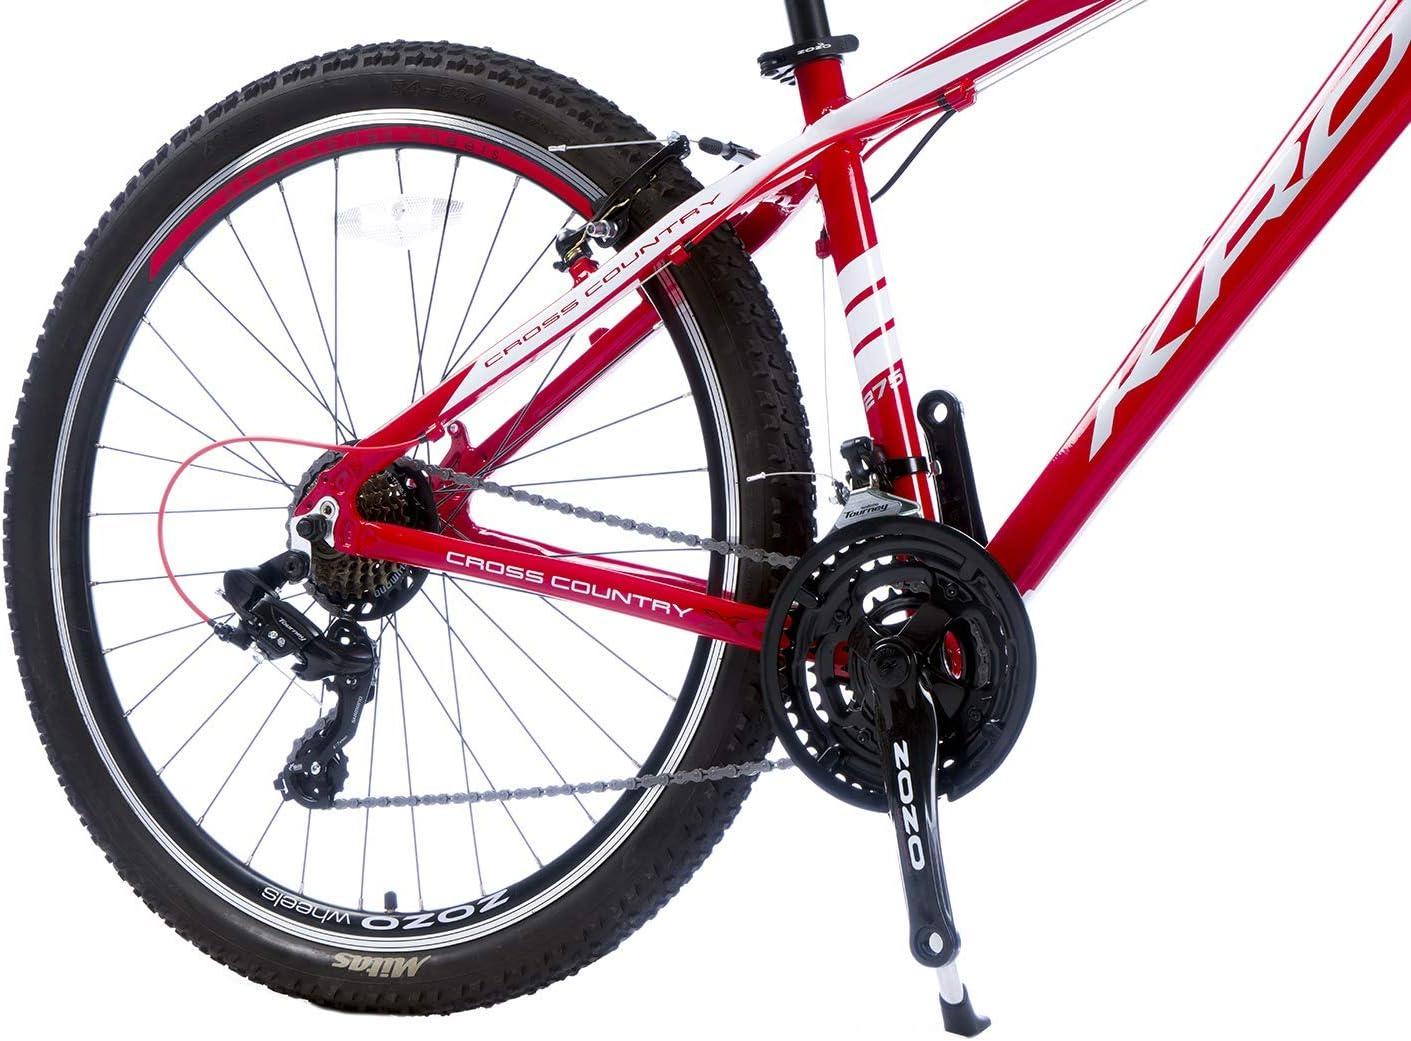 Jugendfahrrad 16 Zoll 18 Zoll 20 Zoll Rahmen MTB Erwachsenen KRON XC-100 Hardtail Aluminium Mountainbike 26 Zoll 27.5 Zoll 29 Zoll 21 Gang Shimano Kettenschaltung mit Scheibenbremse oder V-Bremse